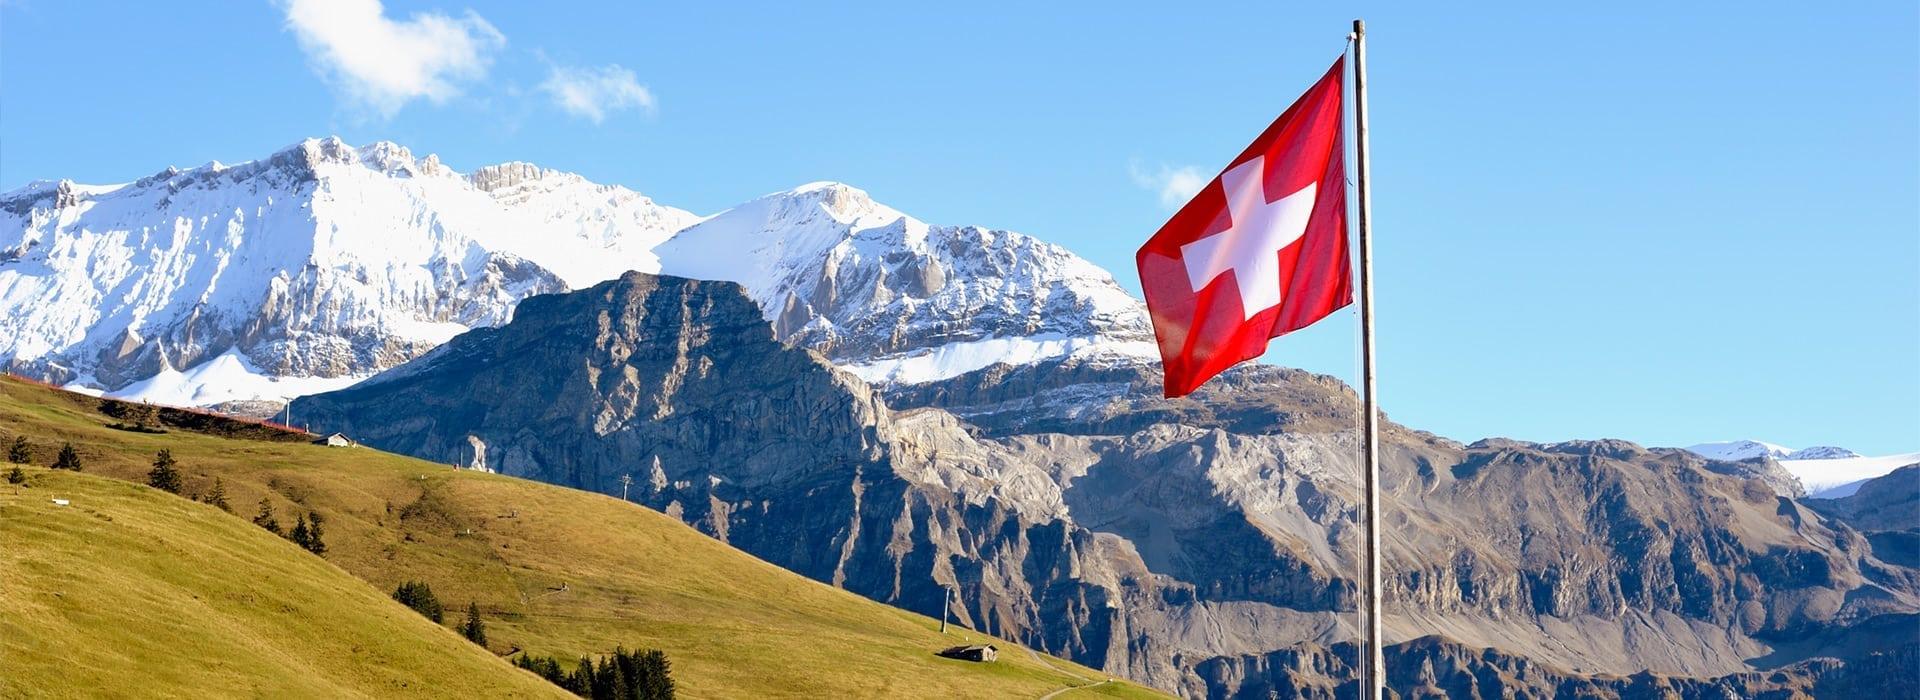 [Konstanz] Vodafone Roaming-Option für die Schweiz